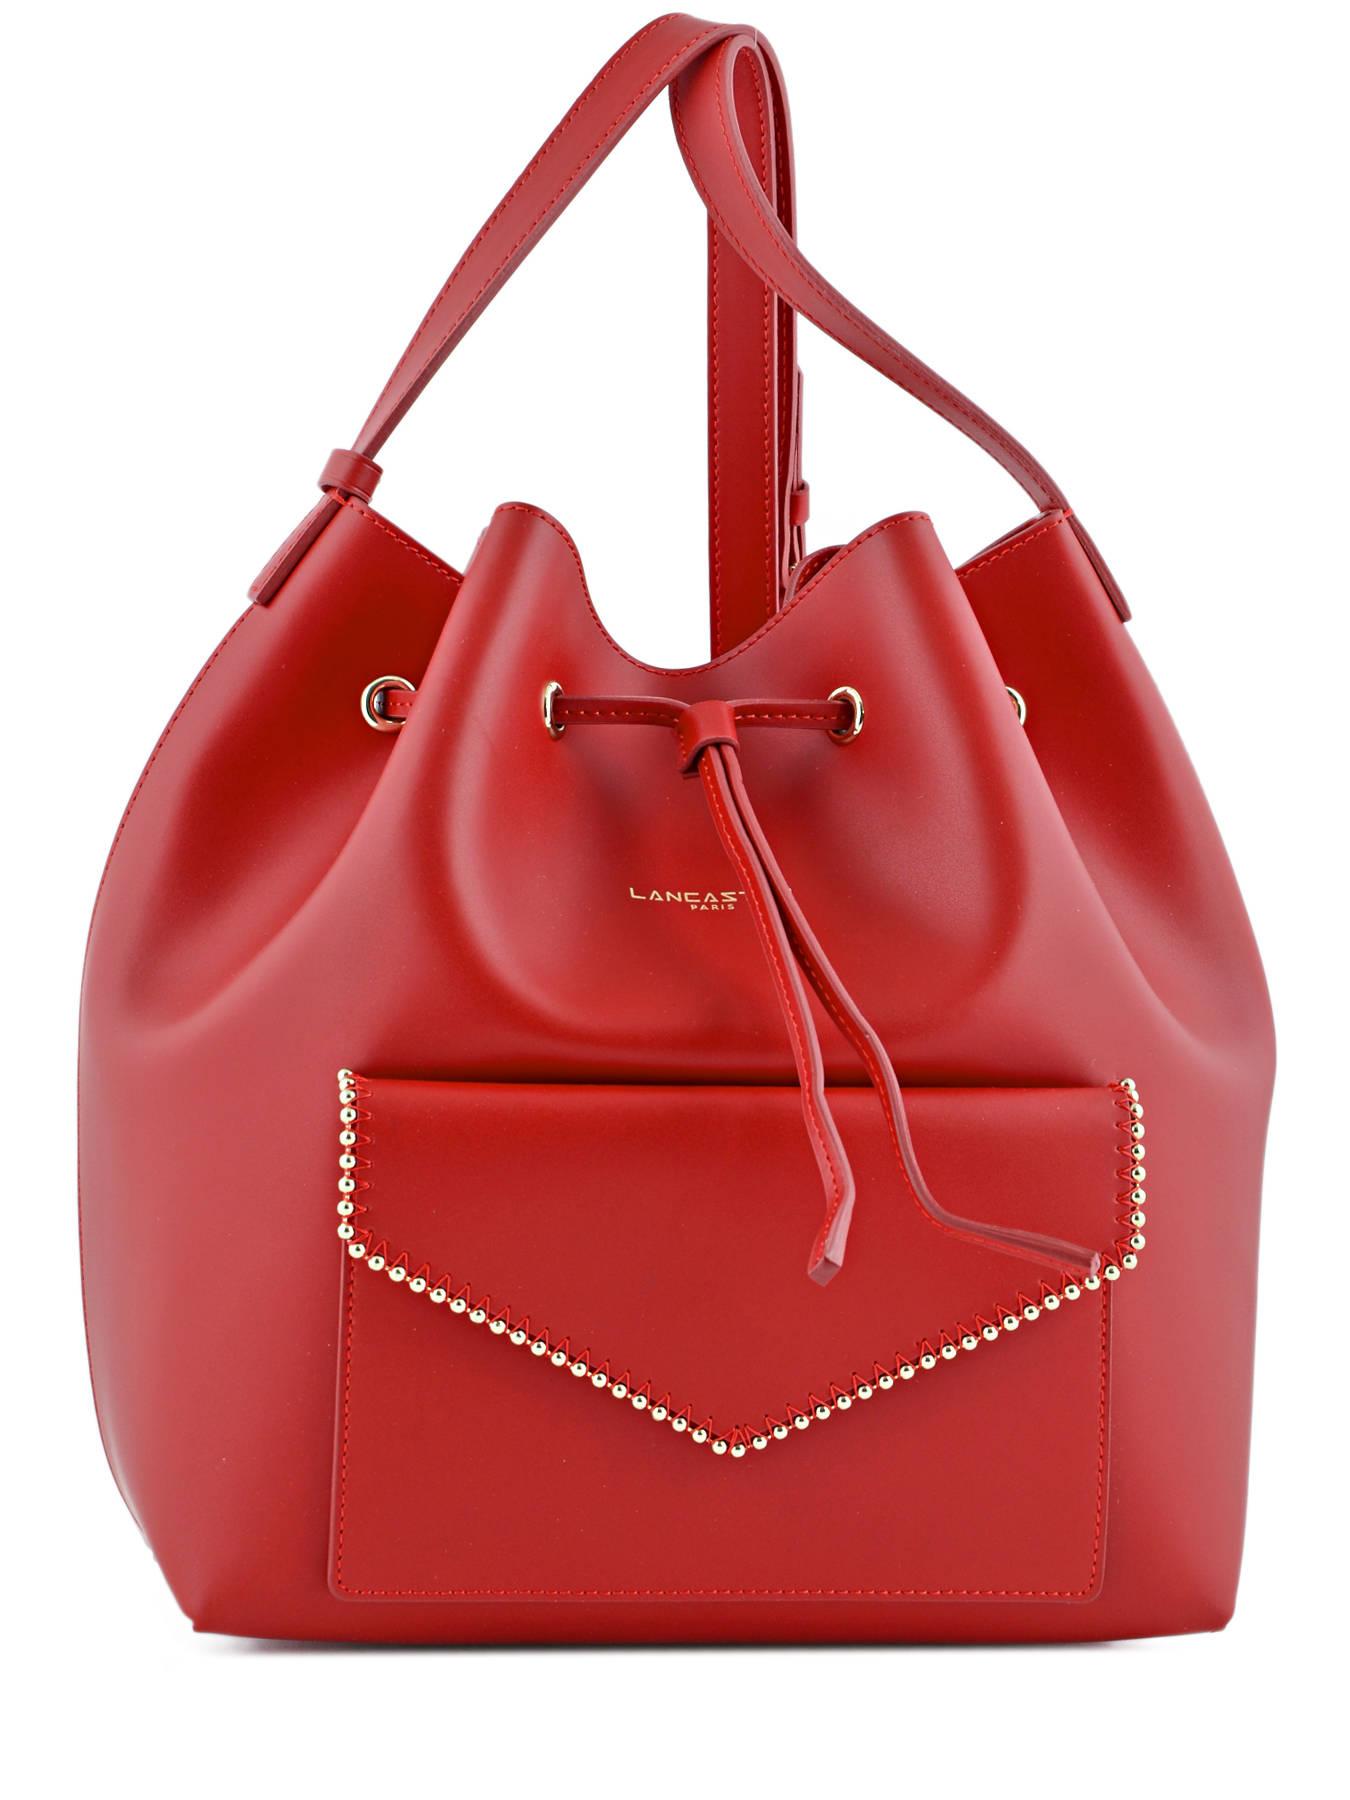 sac lancaster pearl rouge en vente au meilleur prix. Black Bedroom Furniture Sets. Home Design Ideas